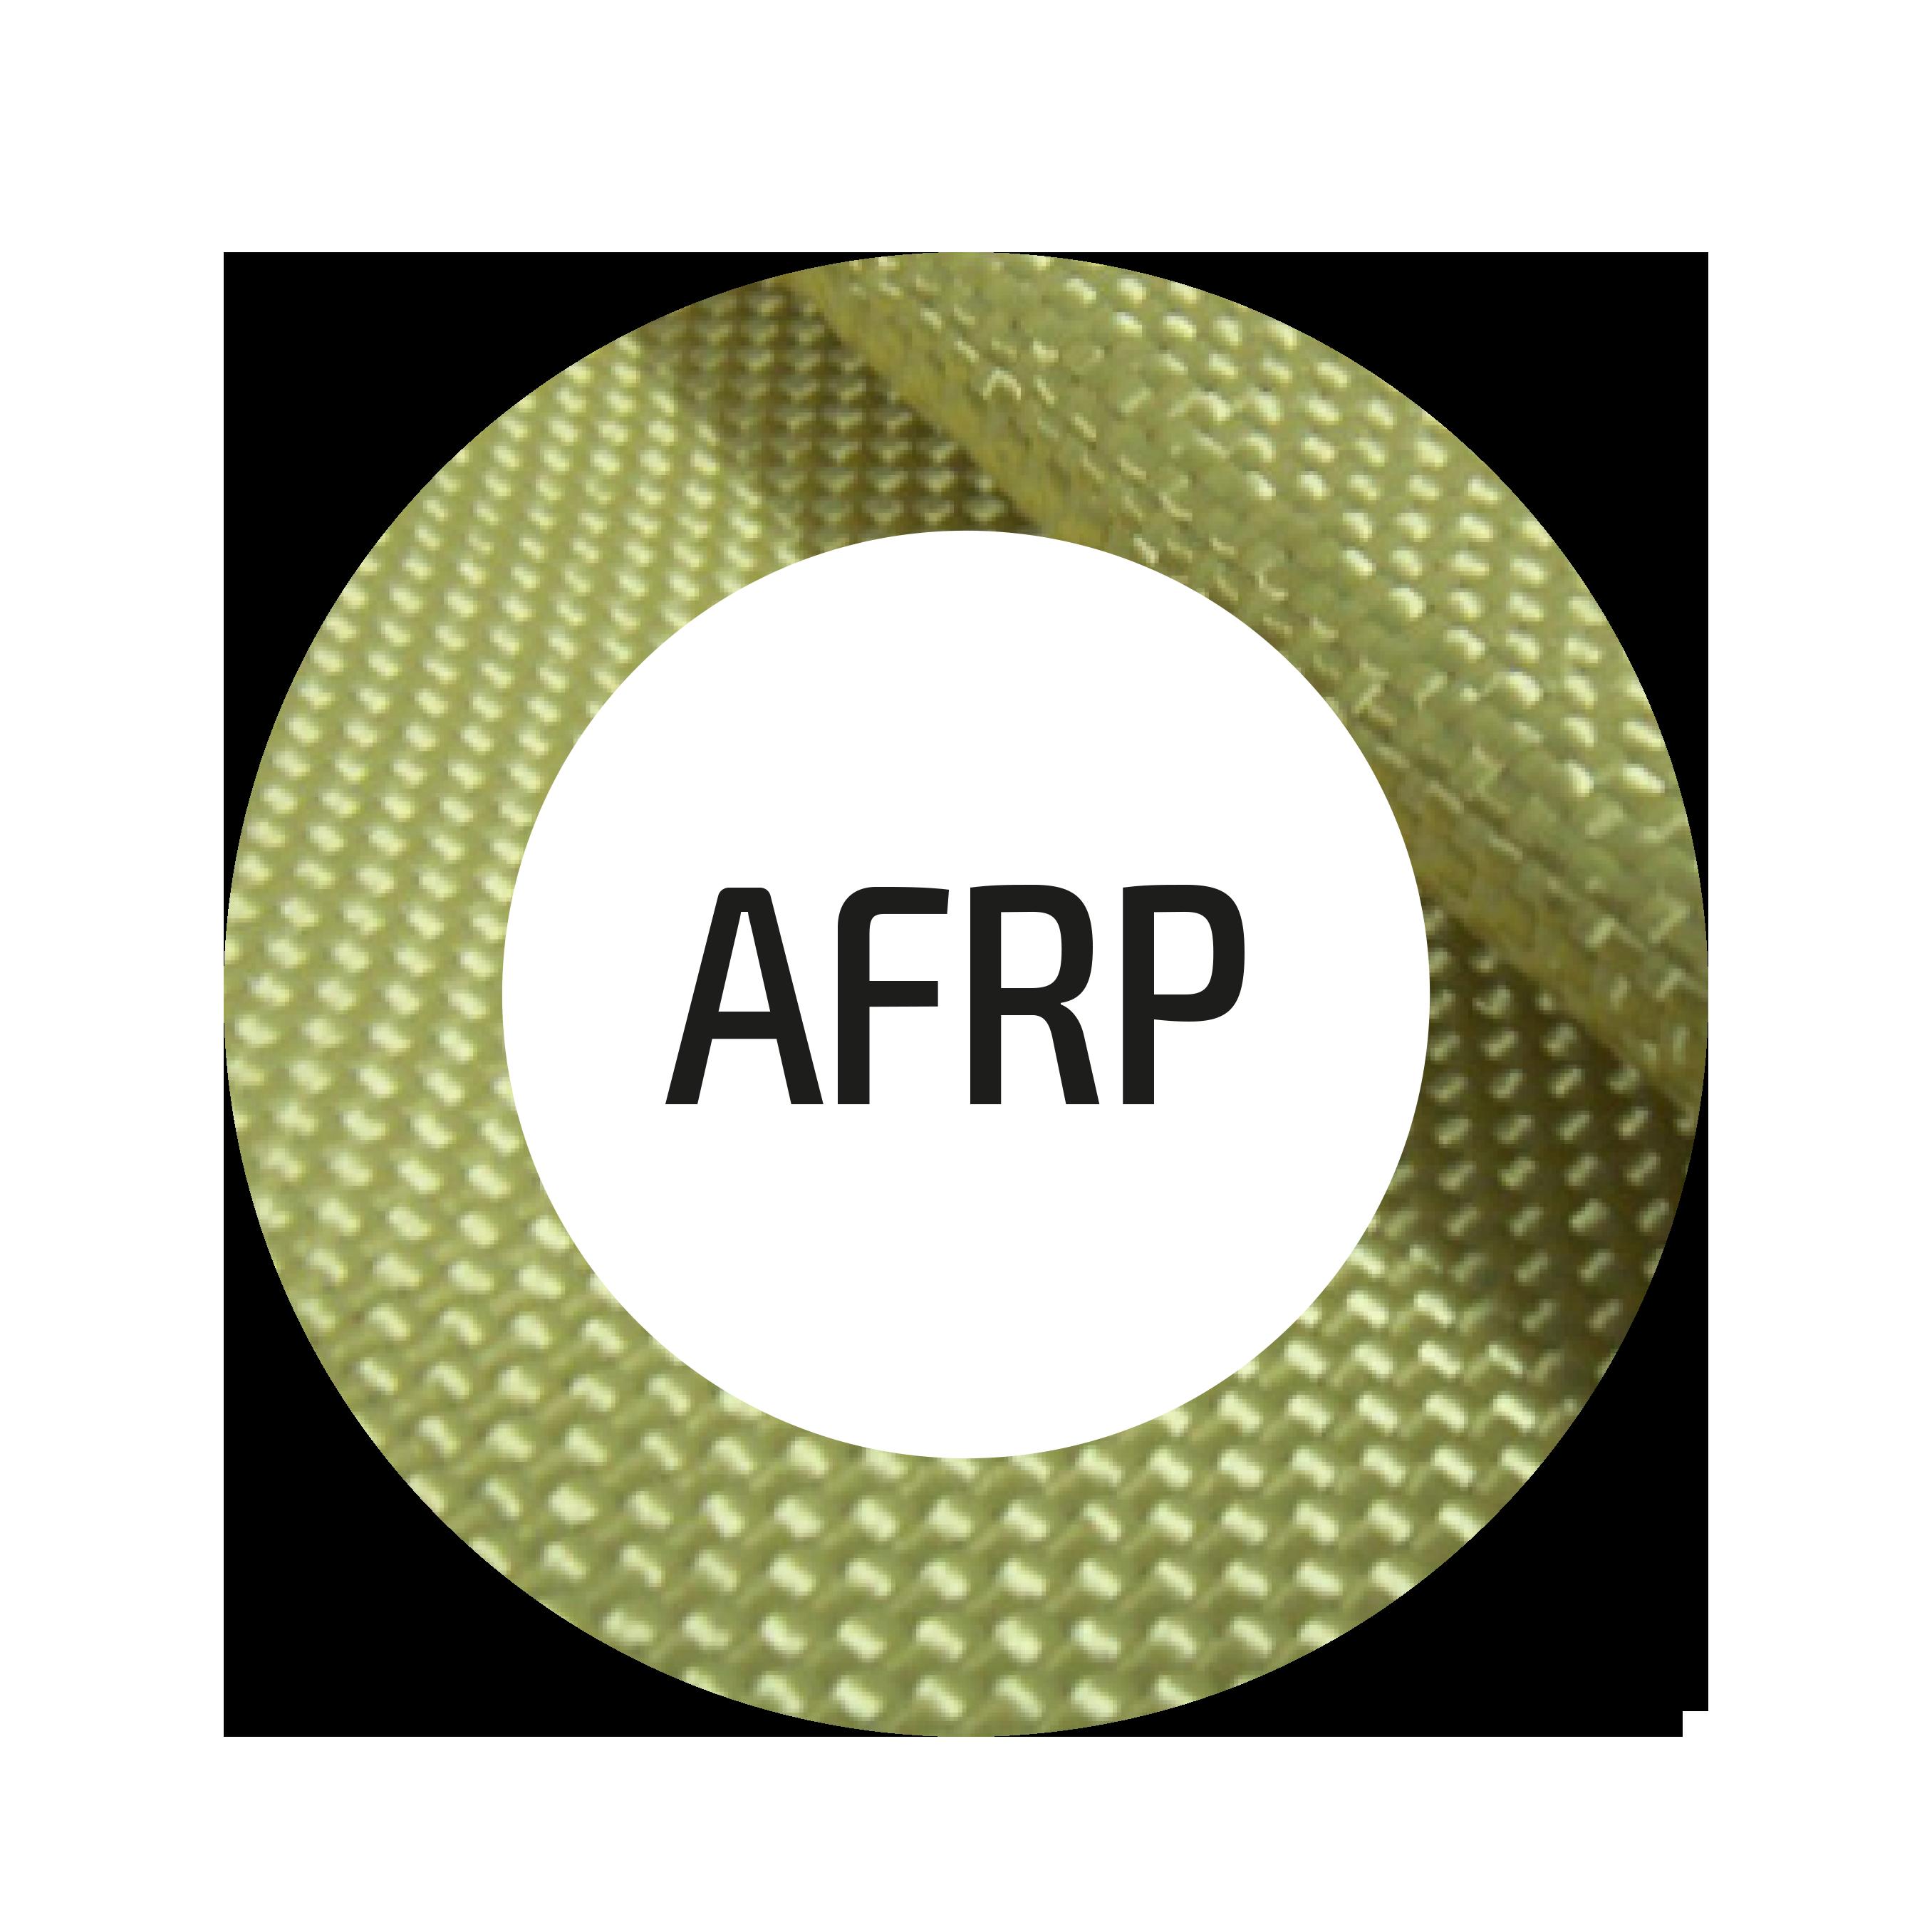 Materiale polimerico rinforzato con fibra aramidica